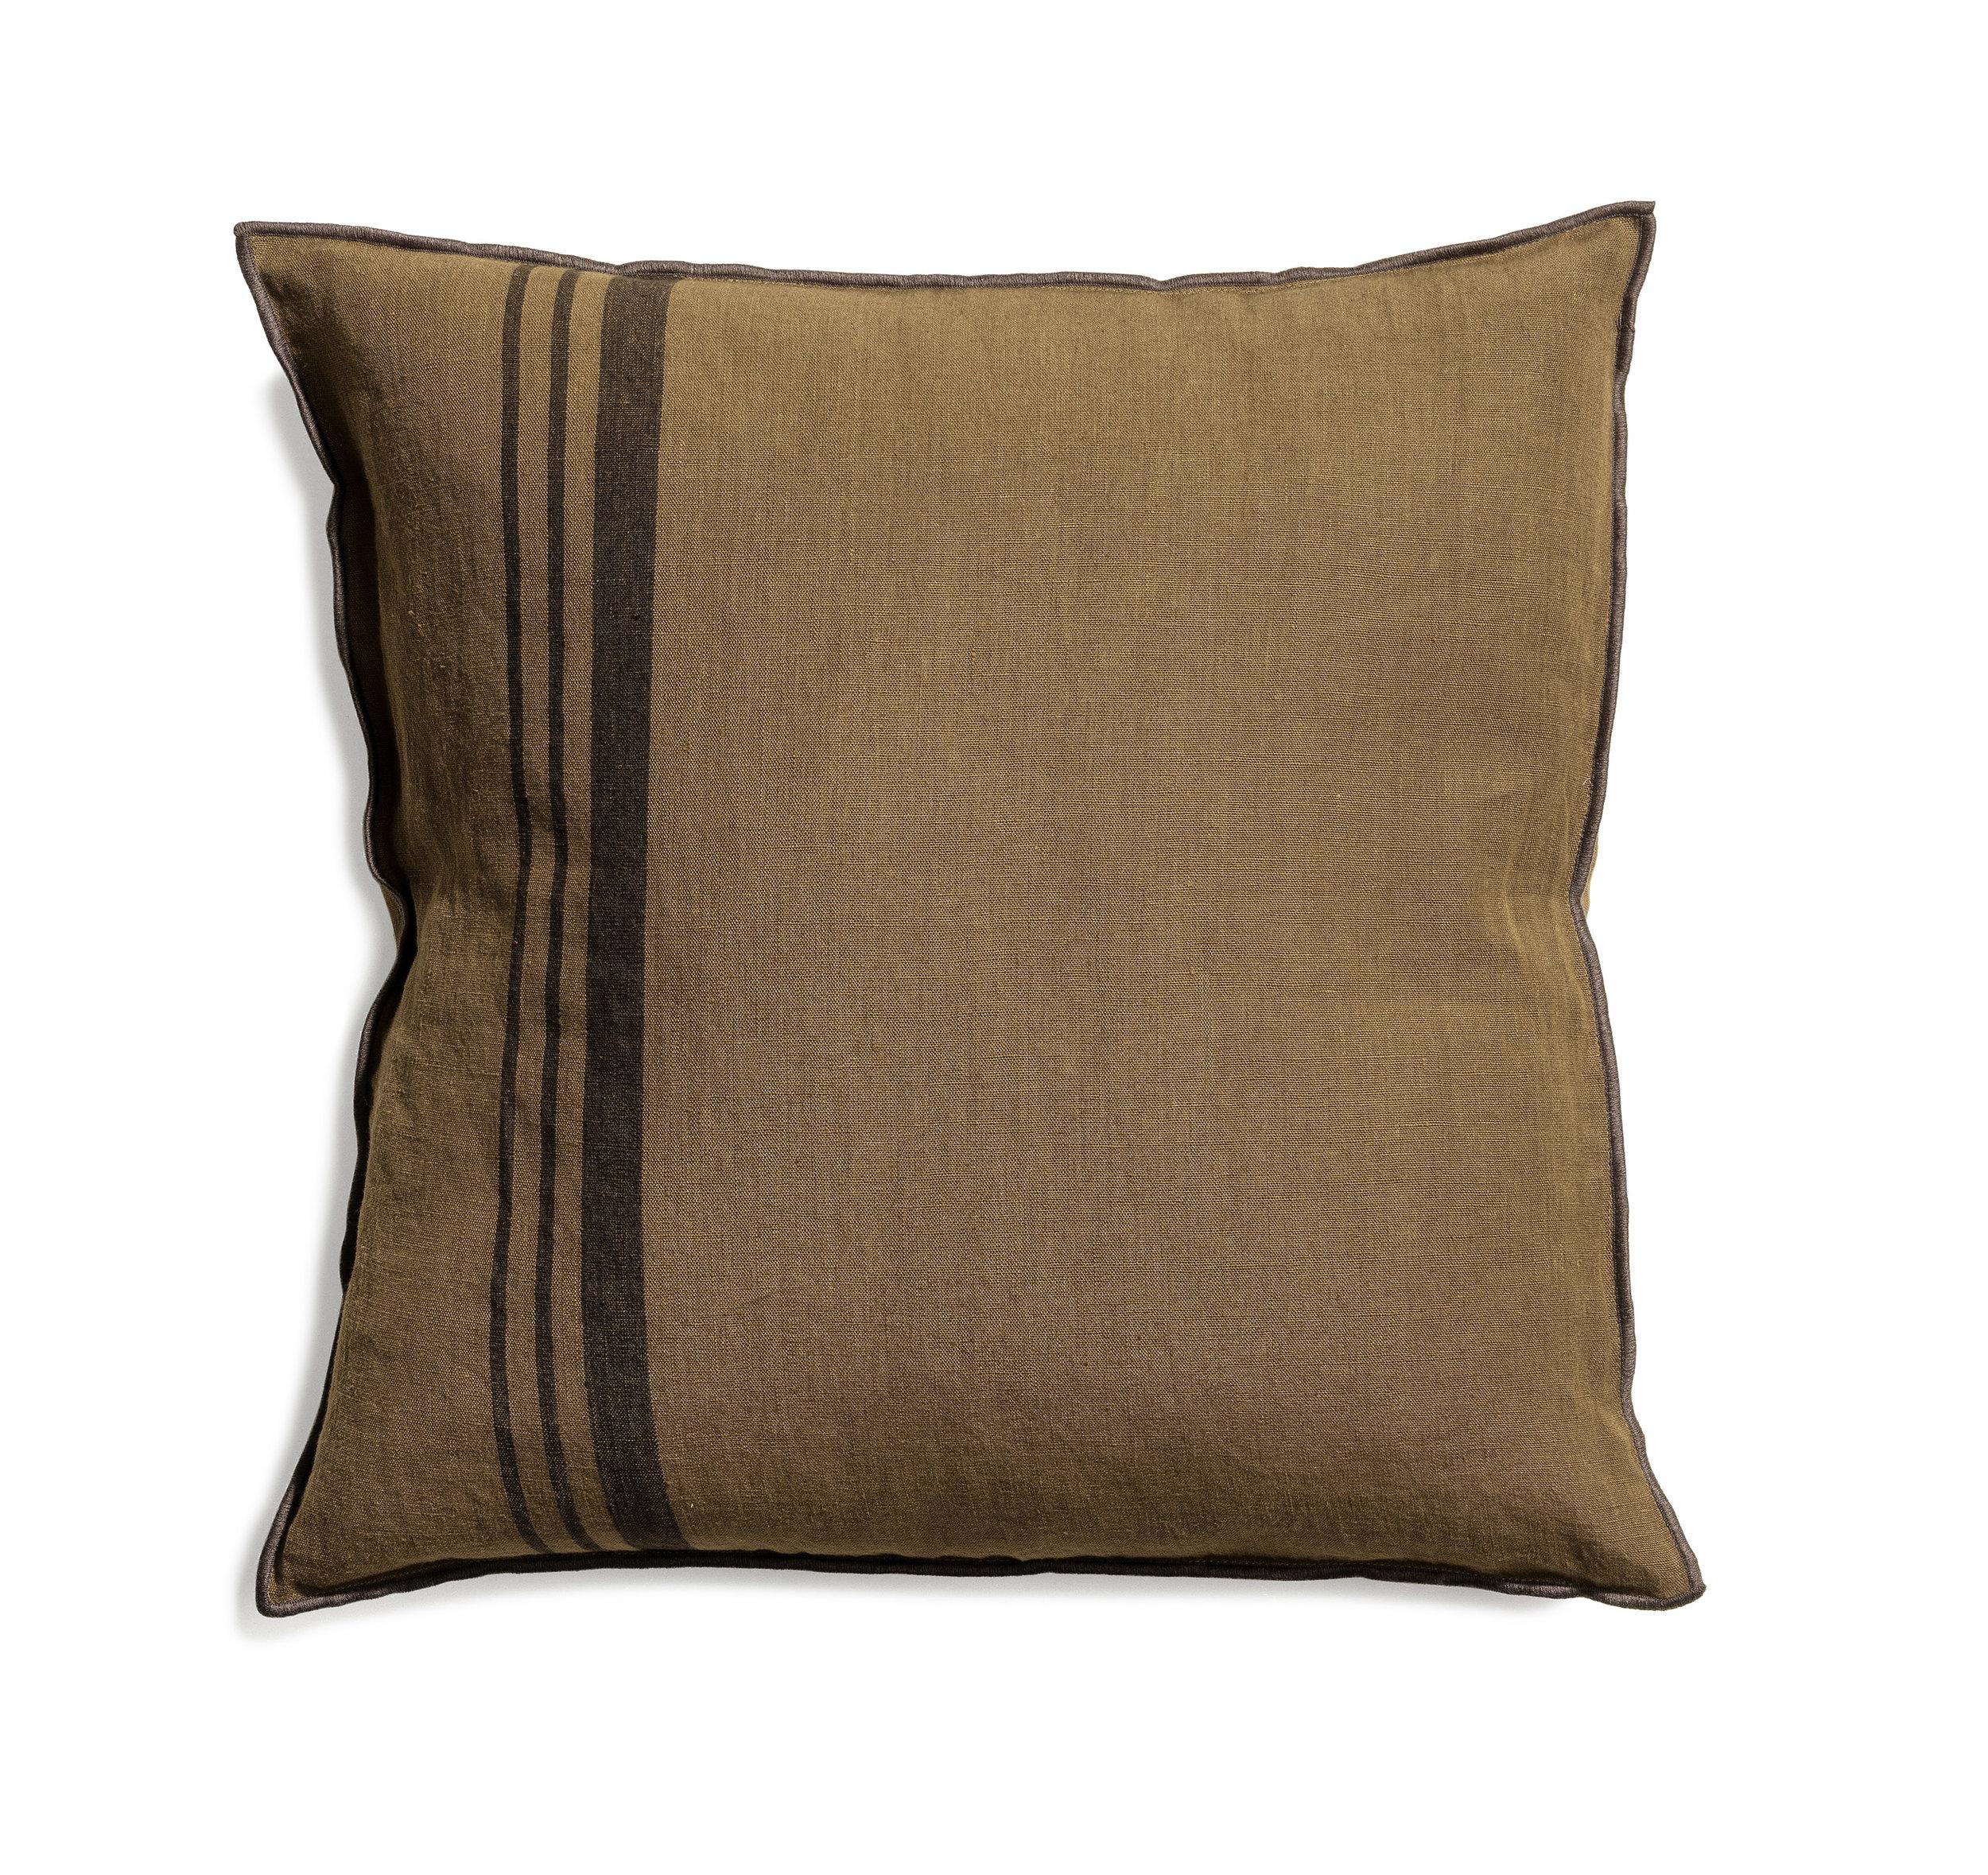 Loft cushion dark olive stripe 50x50